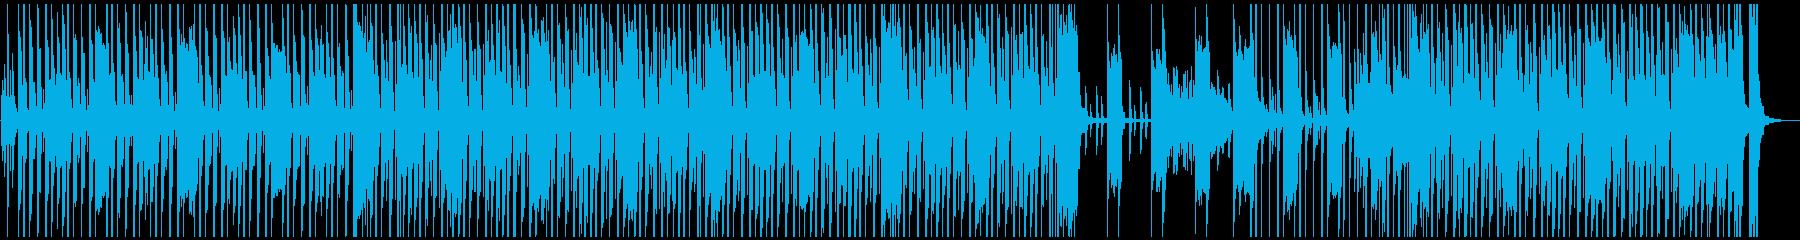 軽快、コミカル、エレピ、かわいいの再生済みの波形